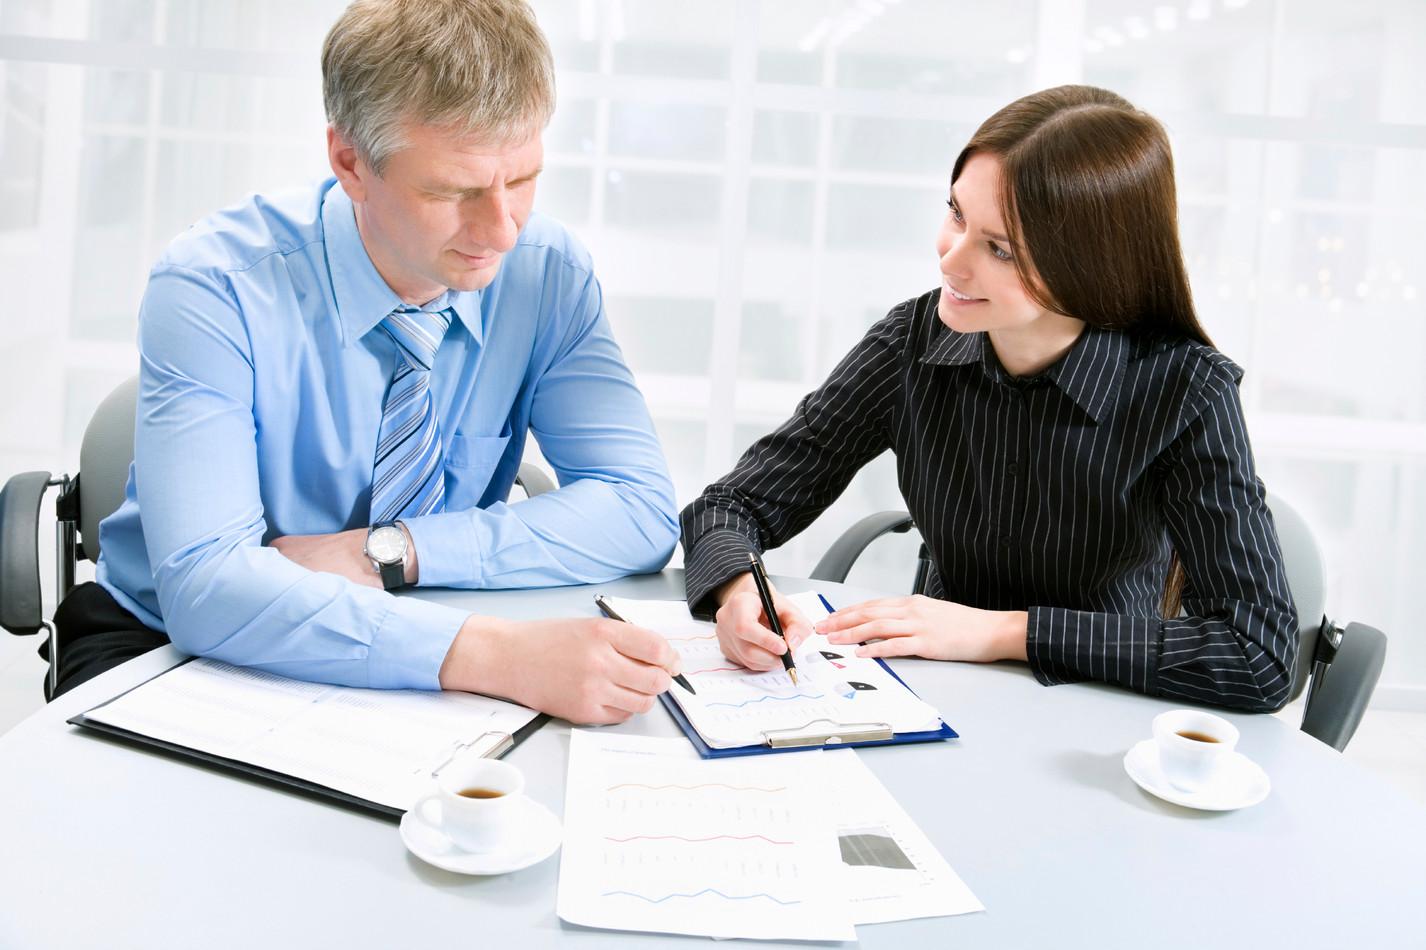 Huấn luyện nghiên cứu thị trường - Phát triển chiến lược kinh doanh và xuất khẩu